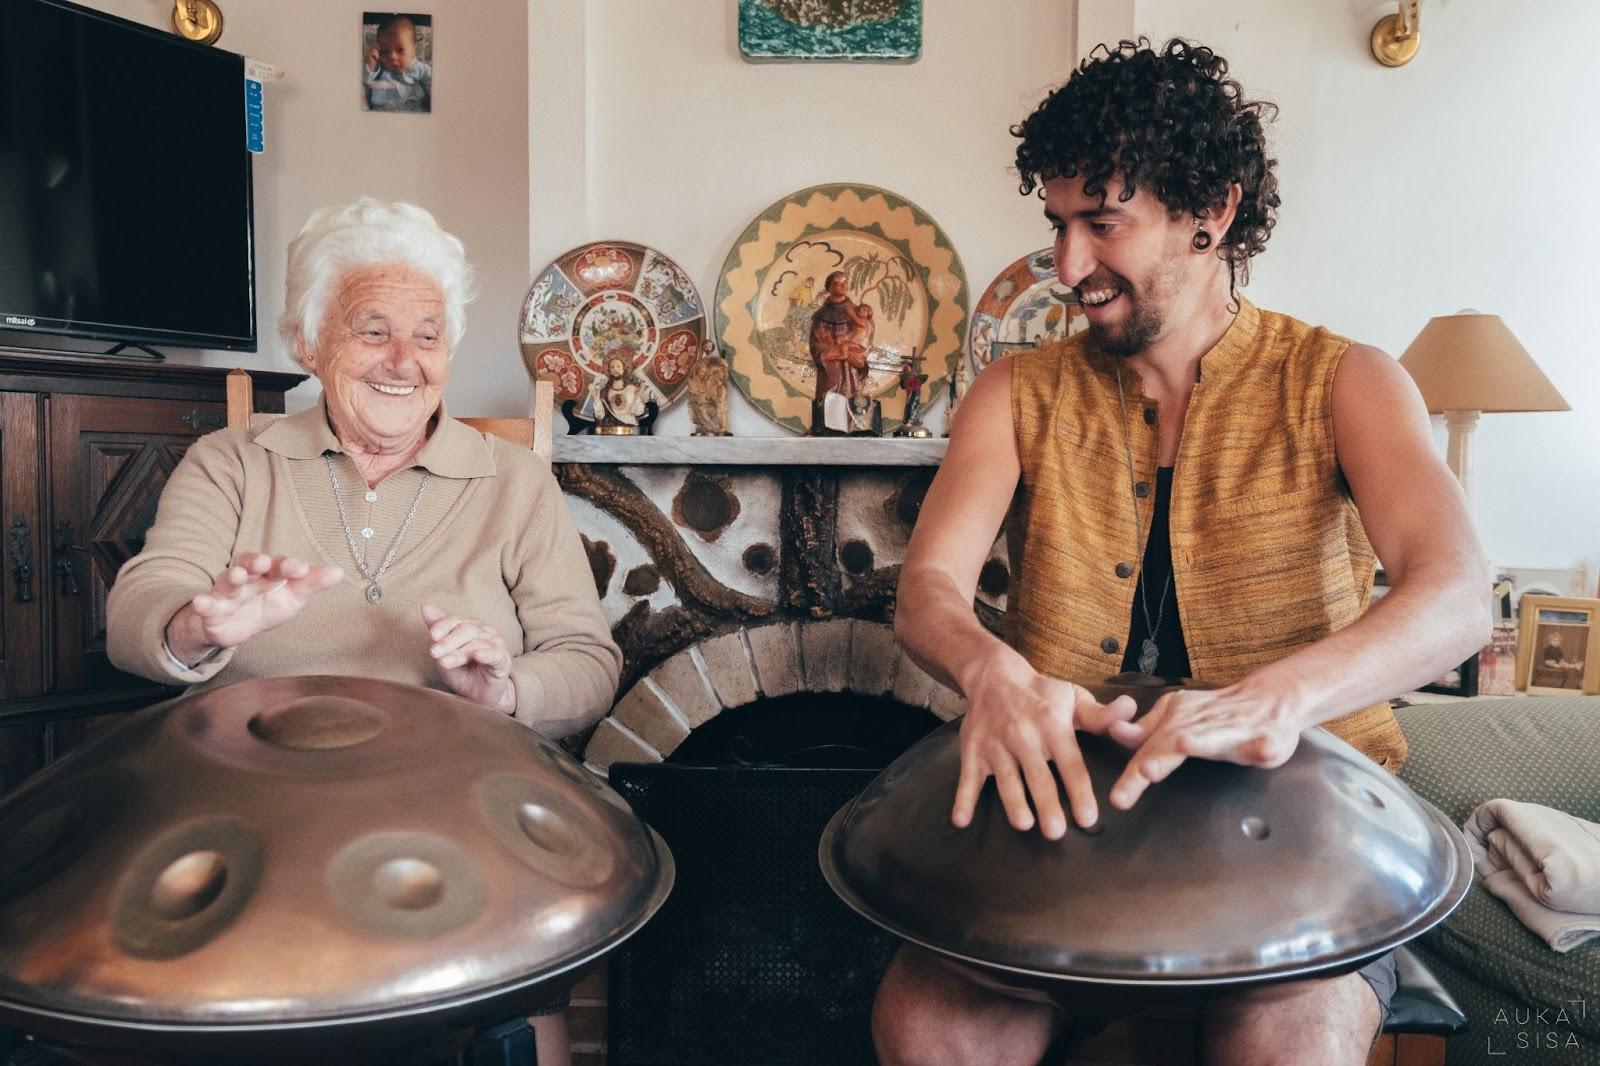 Kabeção's grandmother plays handpan